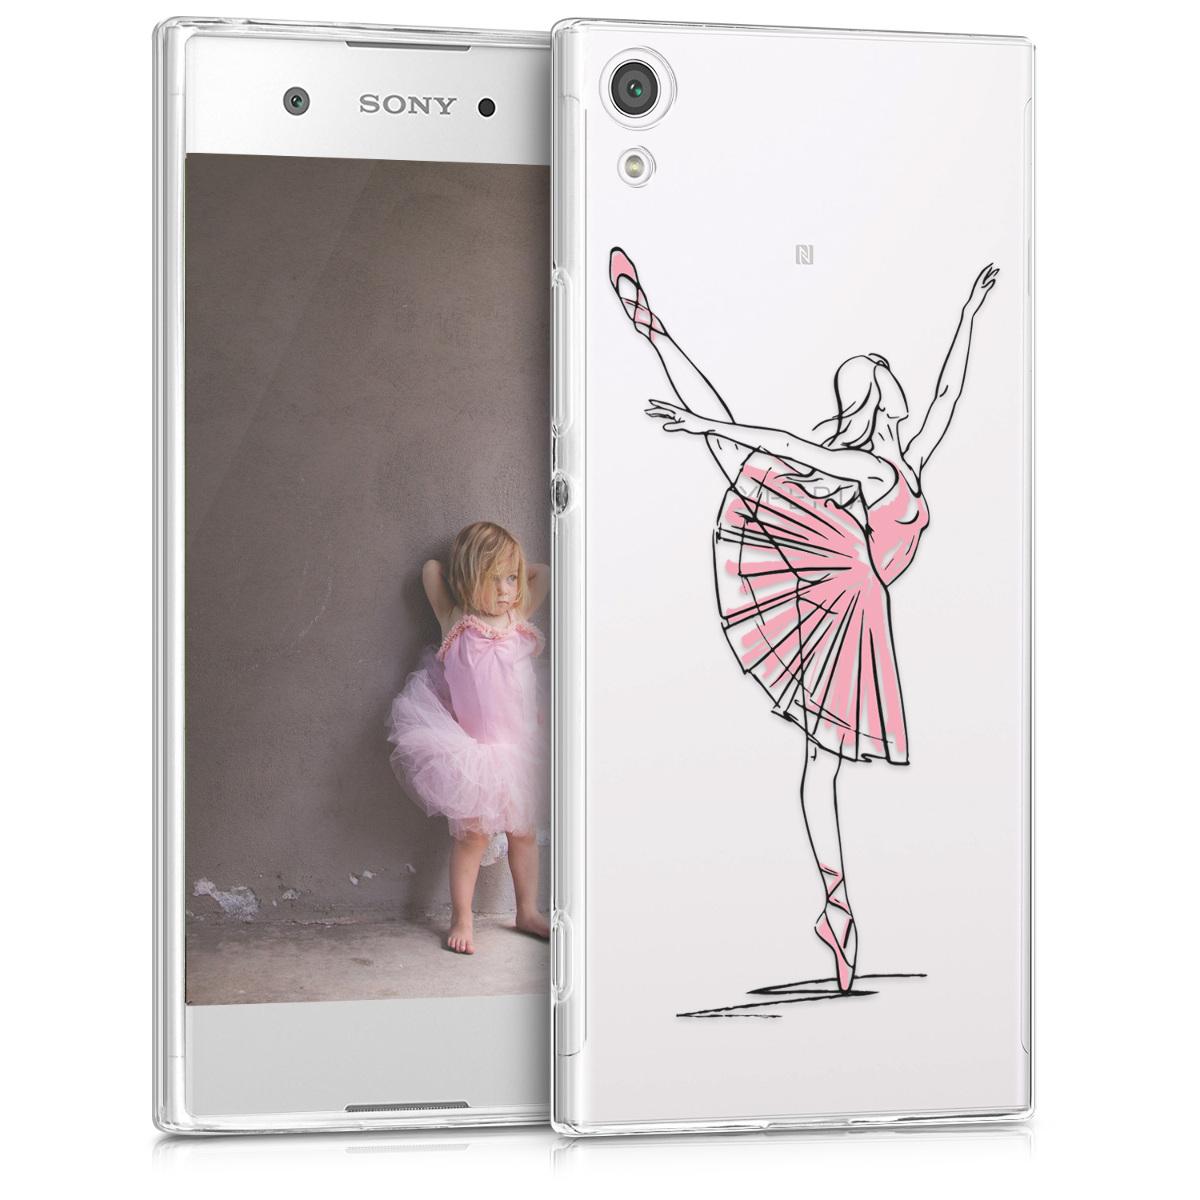 Kvalitní silikonové TPU pouzdro | obal pro Sony Xperia XA1 - Docela balerína černé / růžové / průhledné